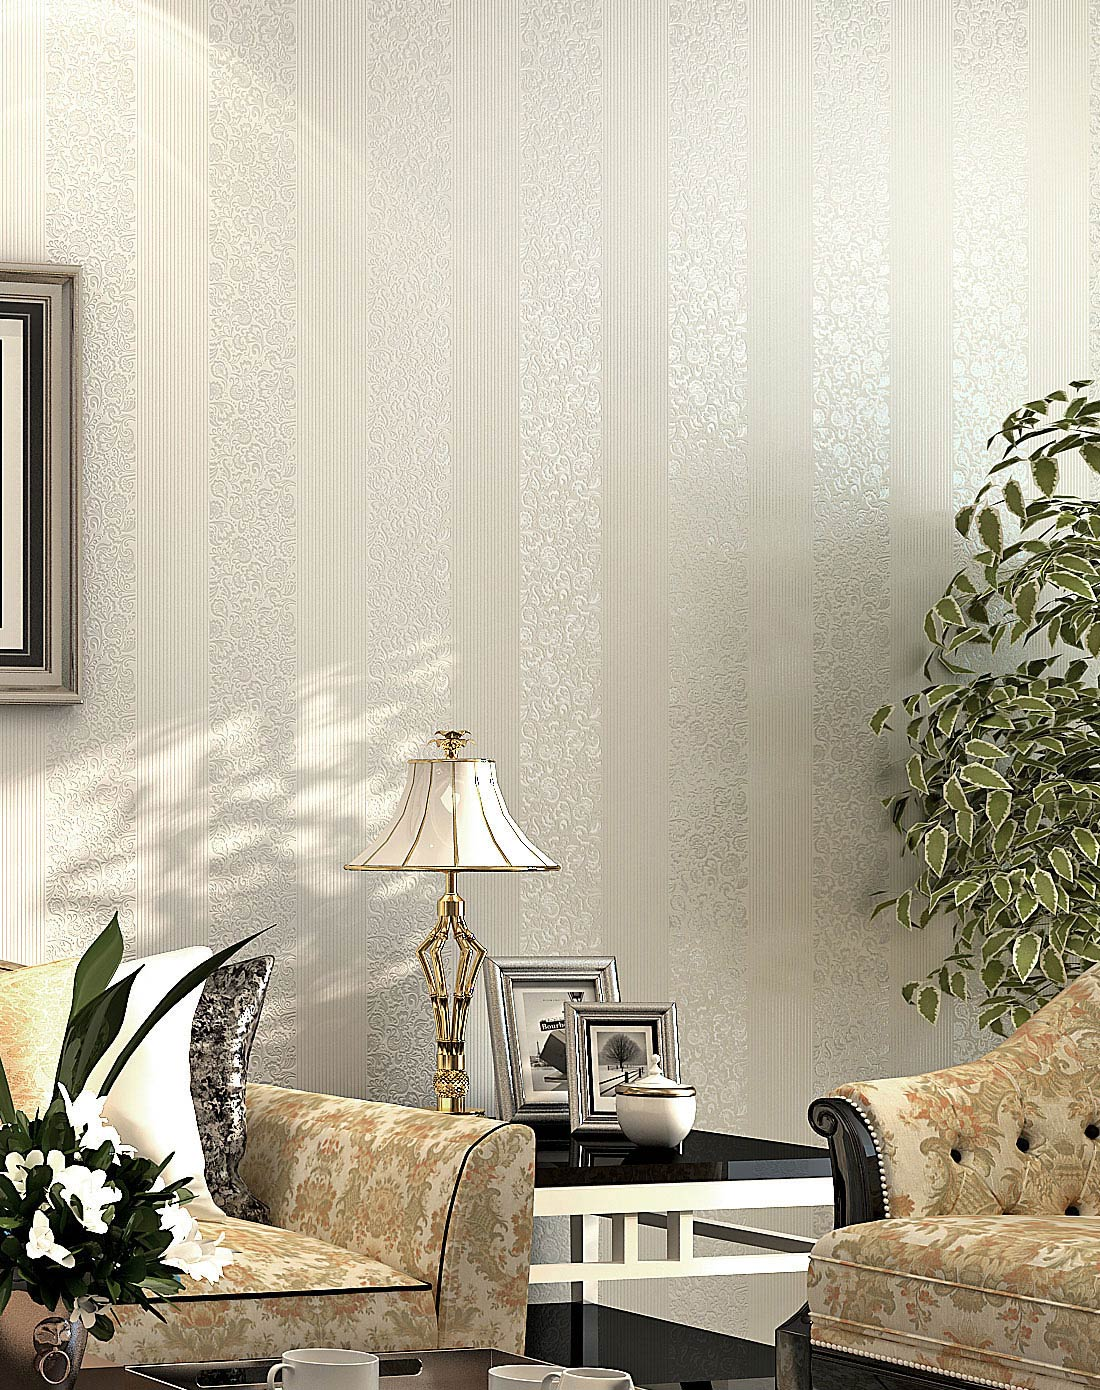 纸尚美学墙纸专场白色欧式简约竖条纹客厅卧室无妨布